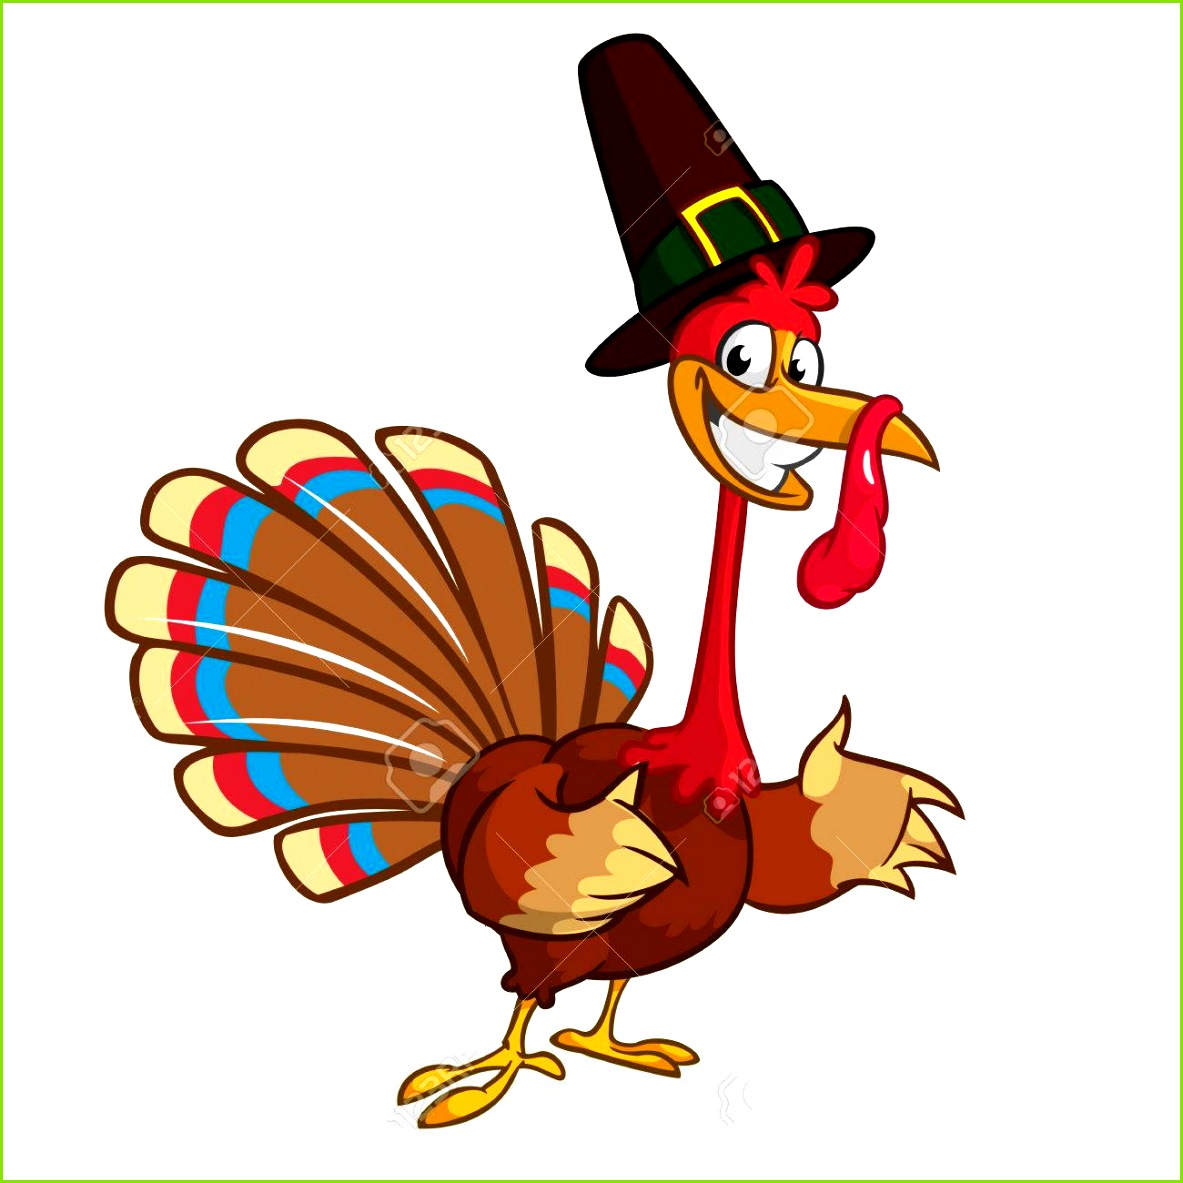 Cartoon Türkei in Pilger Hut Thanksgiving Vektor Illustration isoliert auf weißem Hintergrund Standard